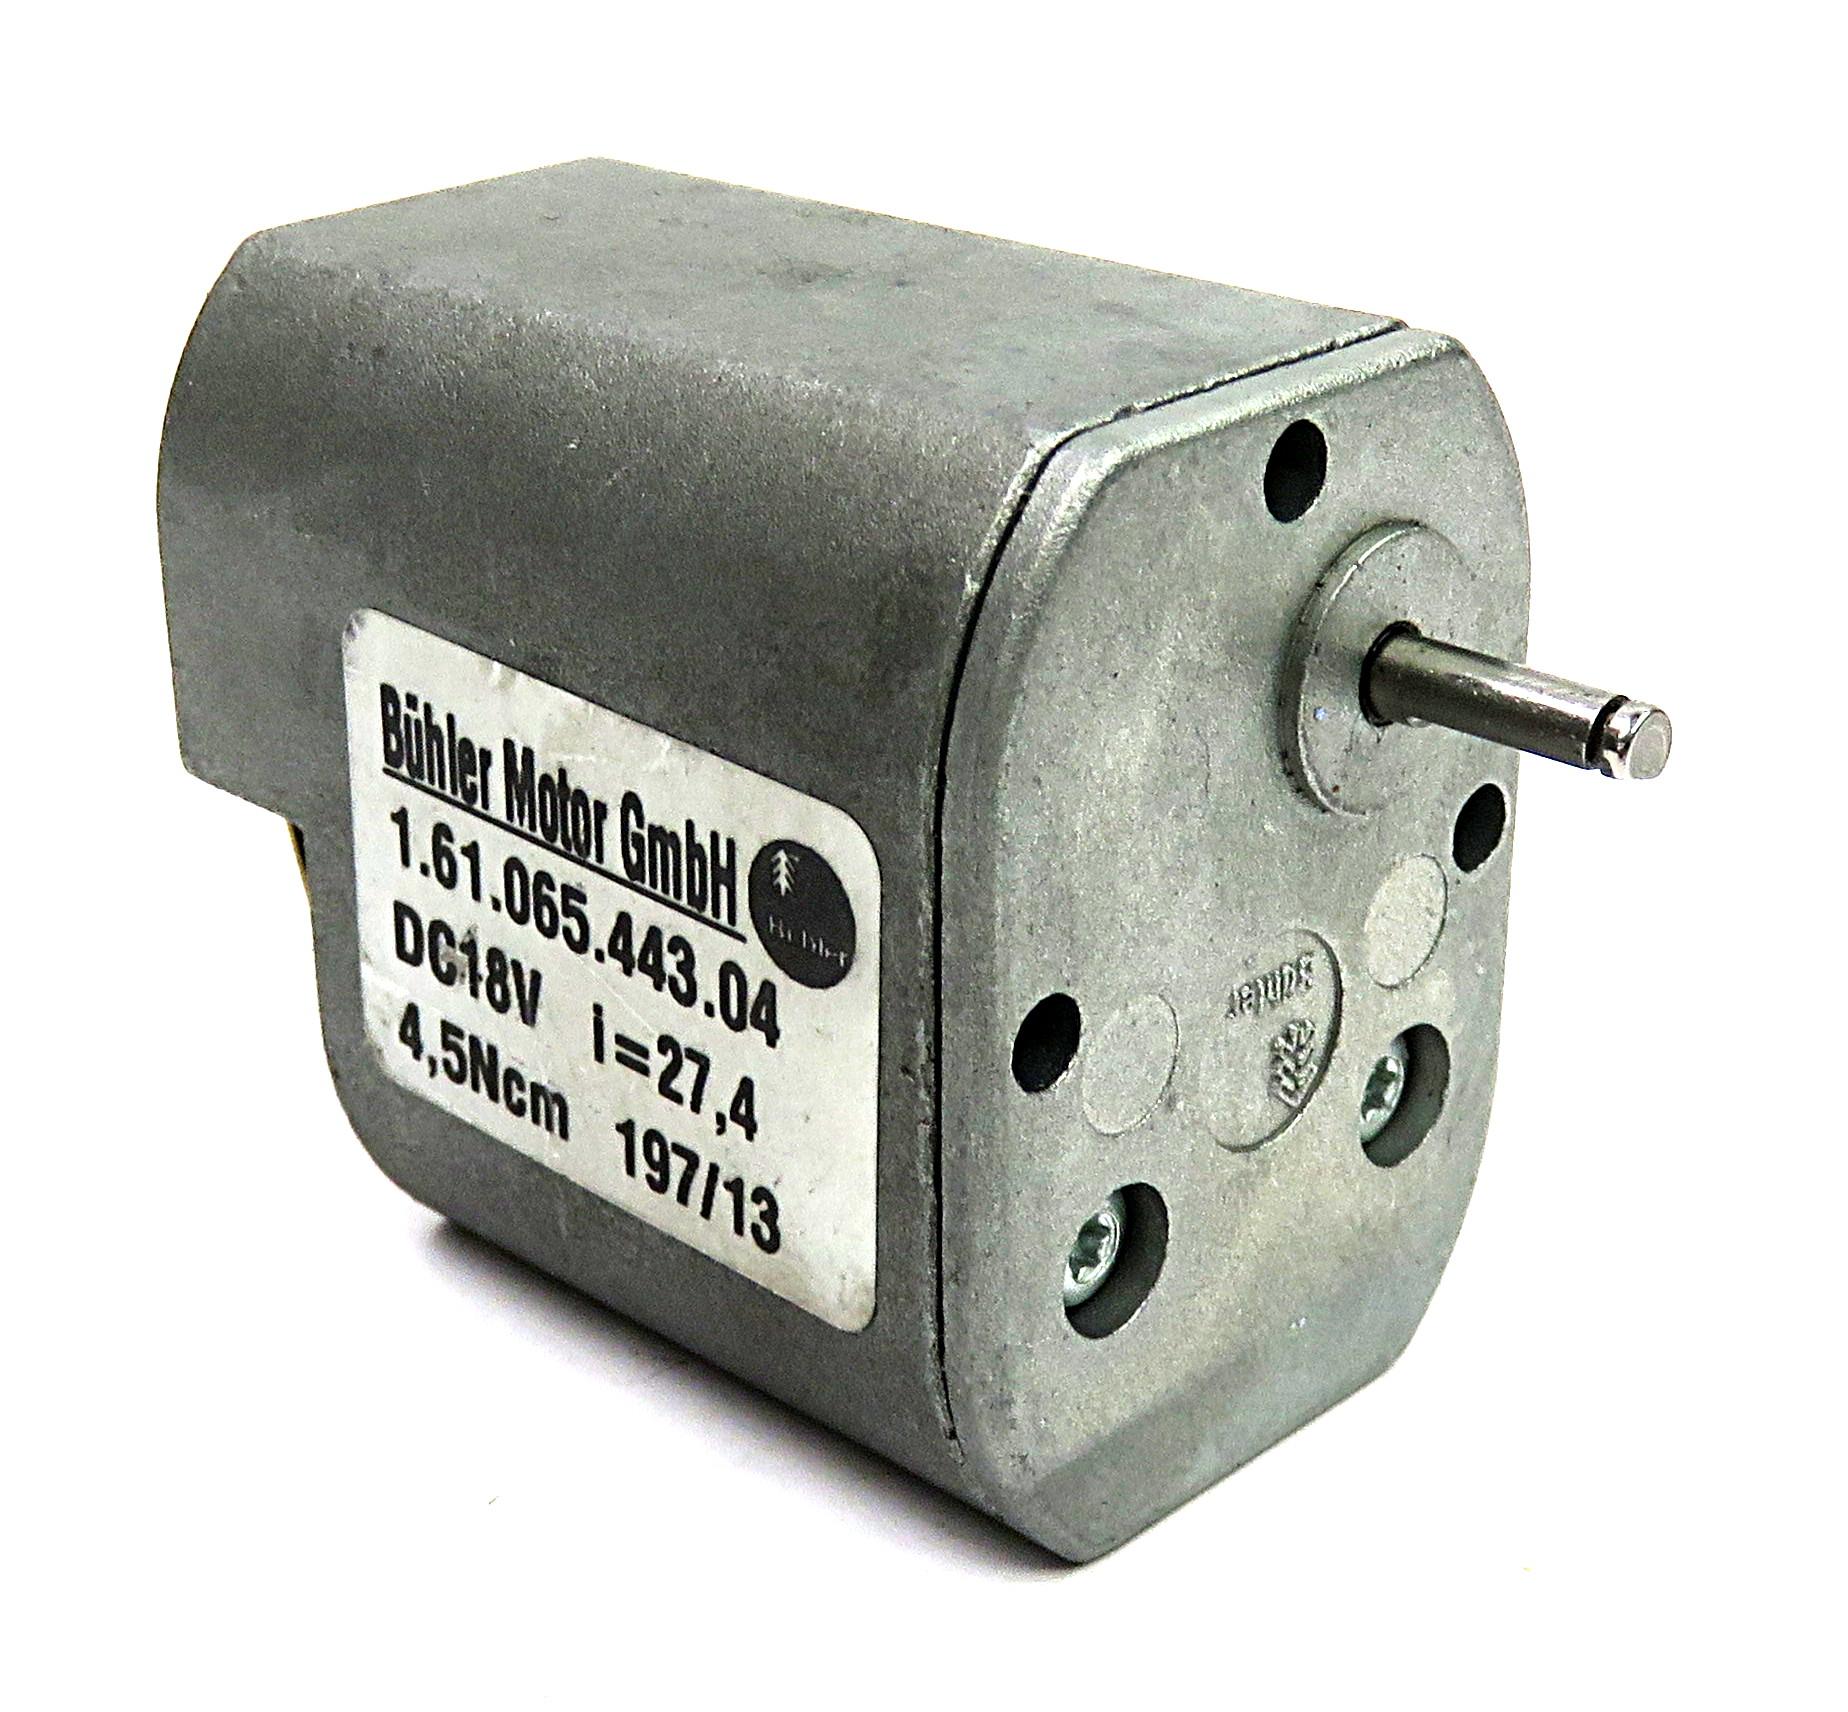 1Nm 31mmx106mm Buhler Motor 39.7:1 24v 75RPM Gearmotor